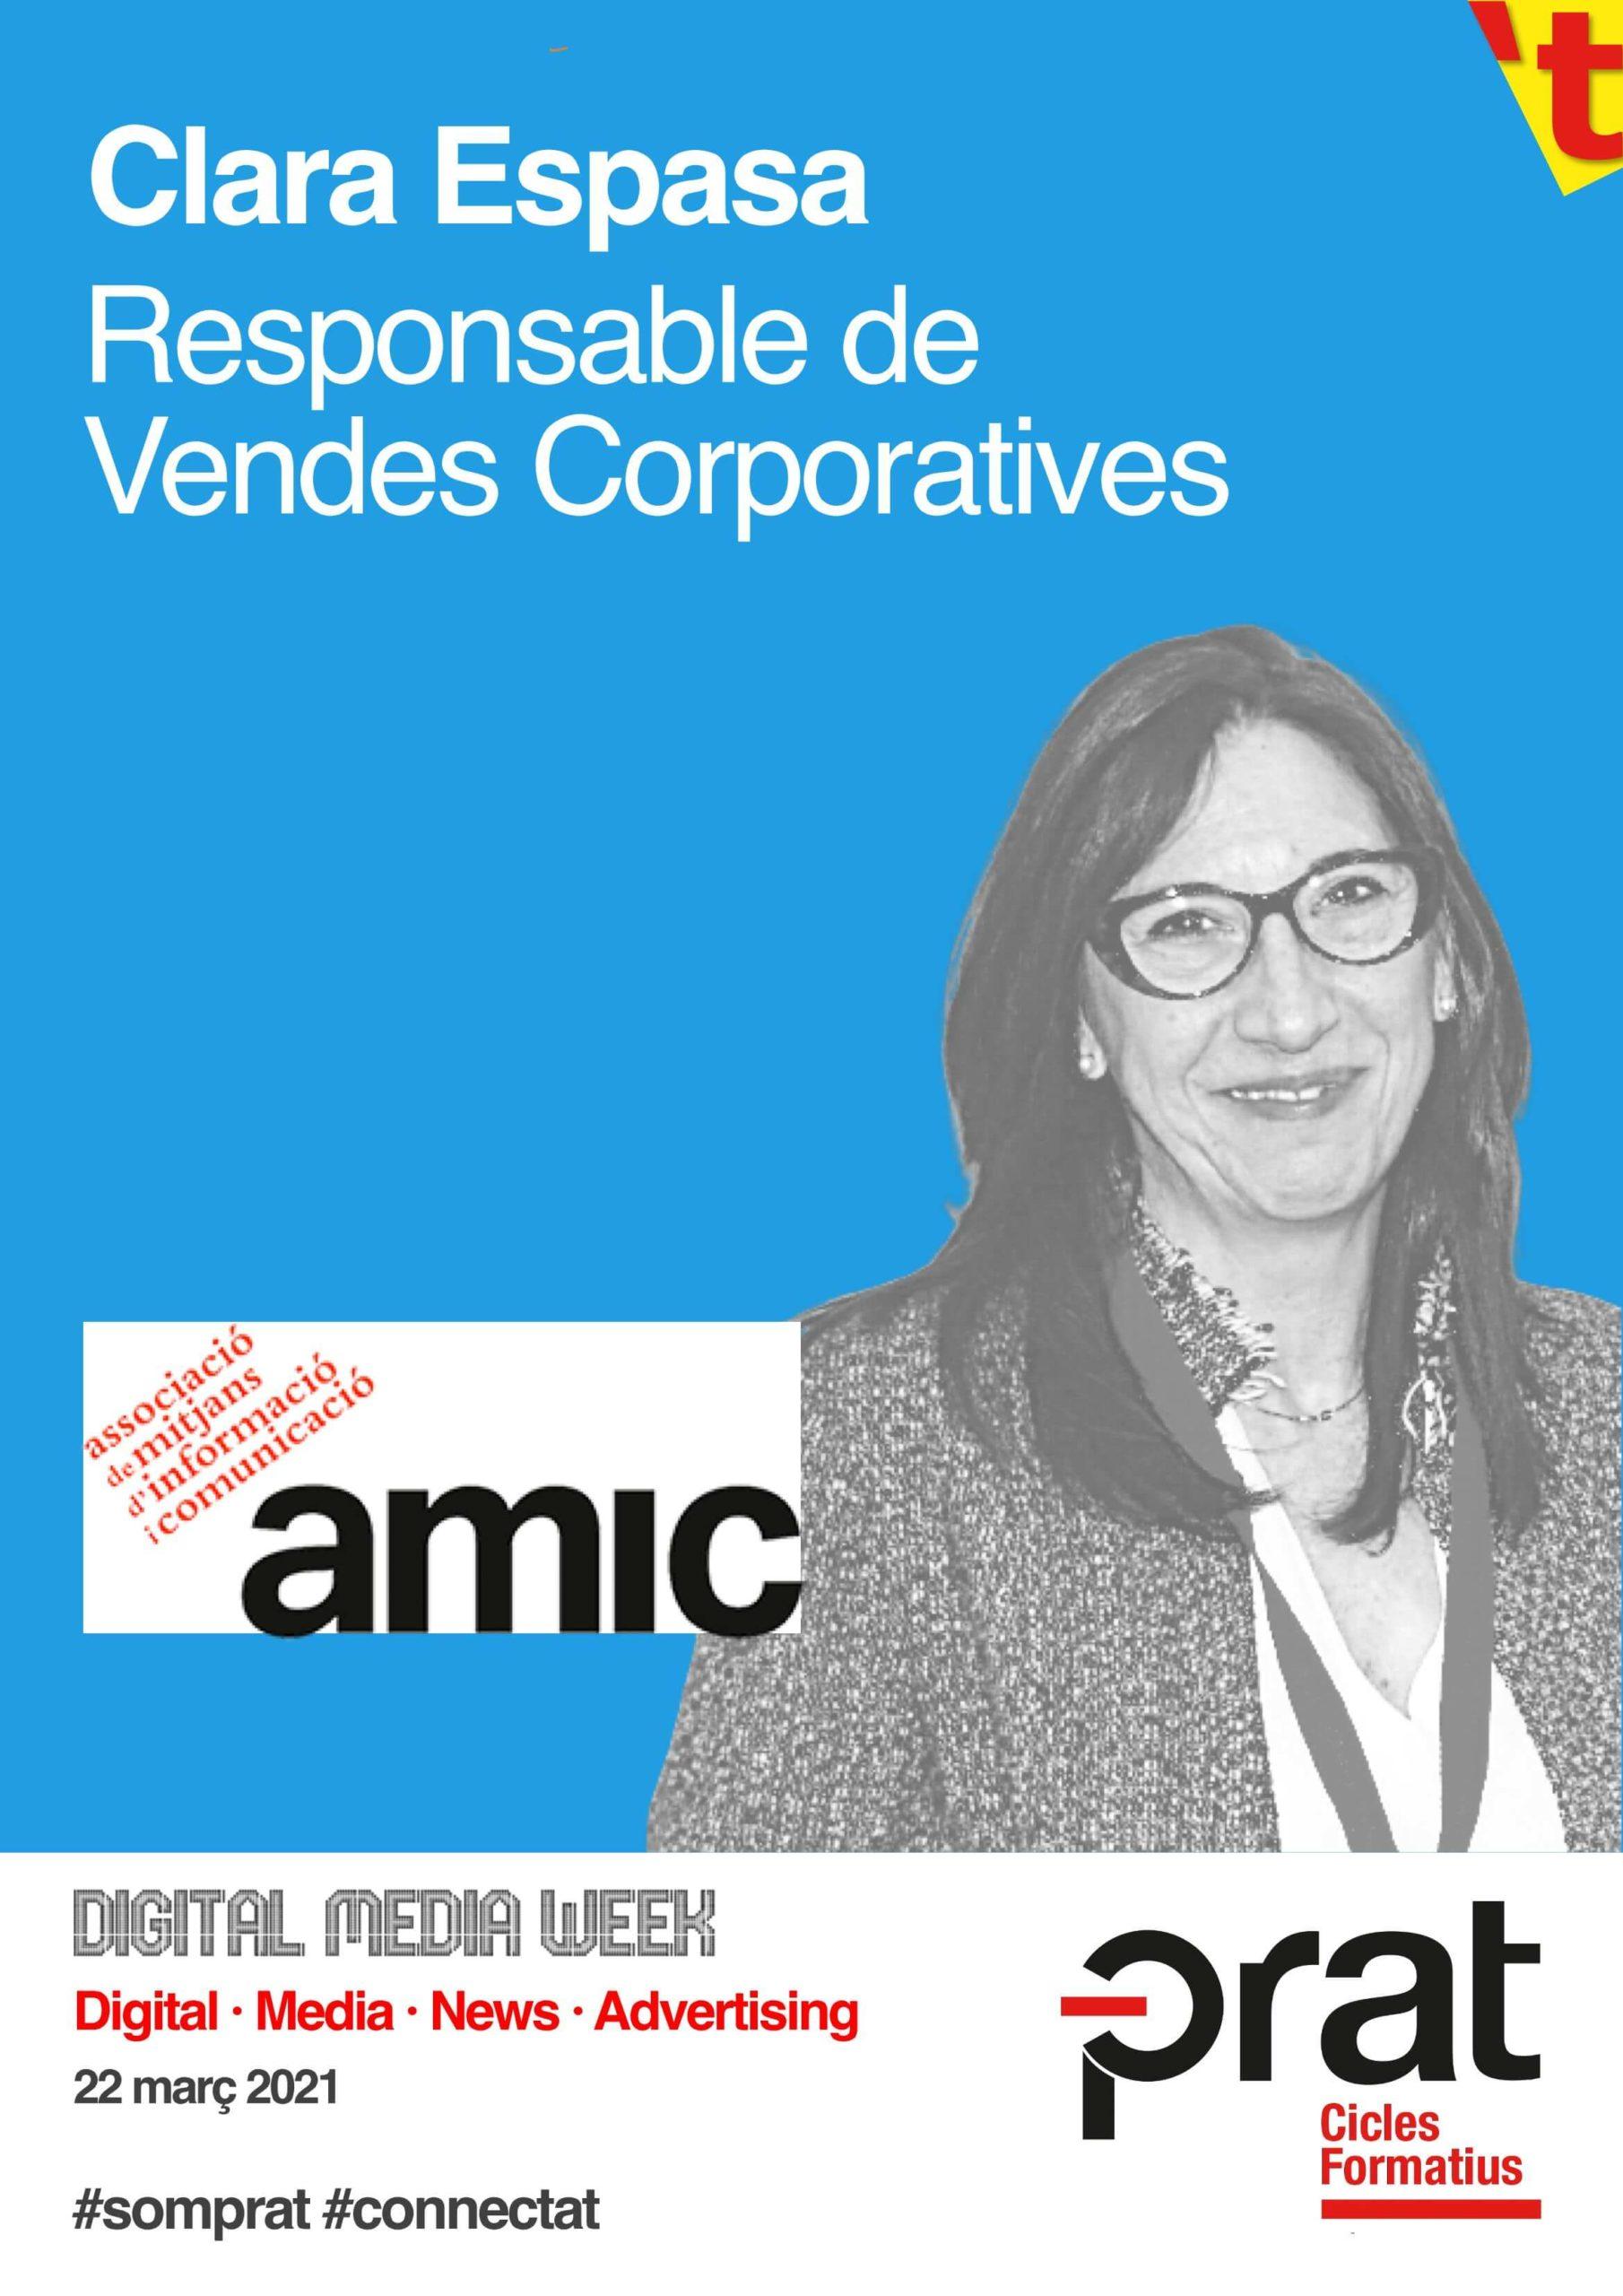 Digital Media Week: AMIC - Cicle Formatiu de Grau Superior de Màrqueting i Publicitat a Prat Educació